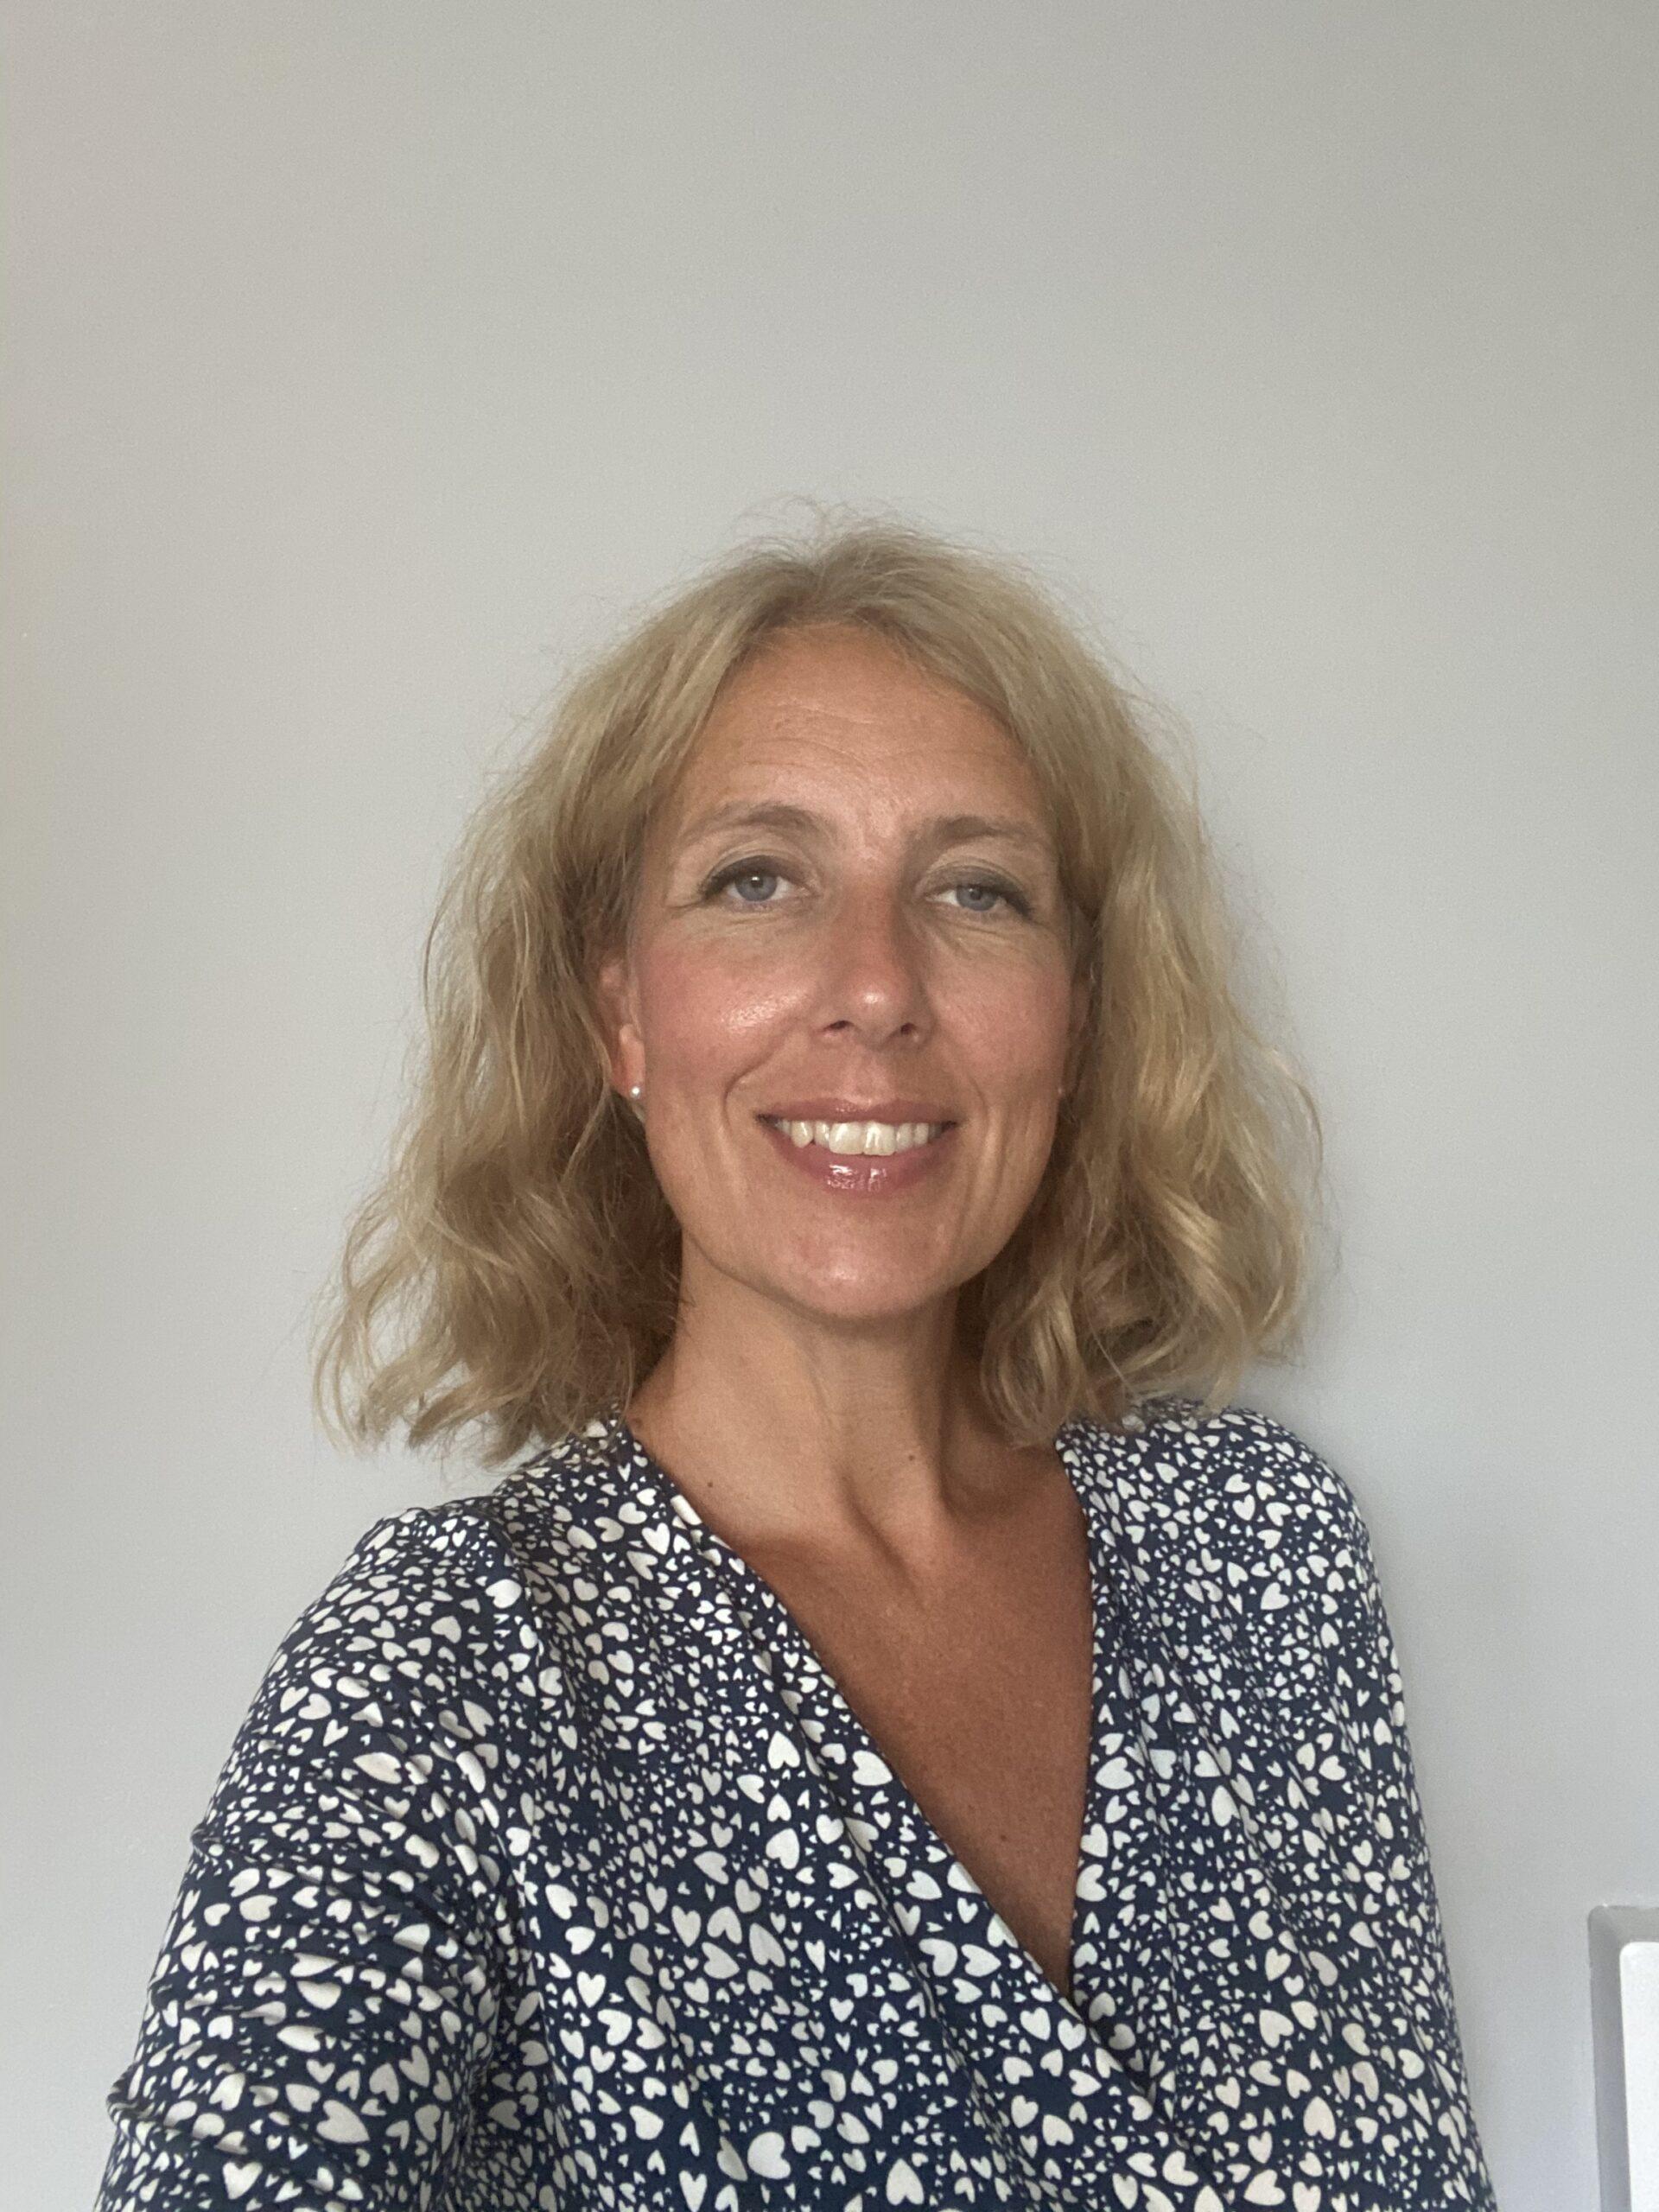 Maria Arkeby blir ny biträdande chef för Tankesmedjan Tiden